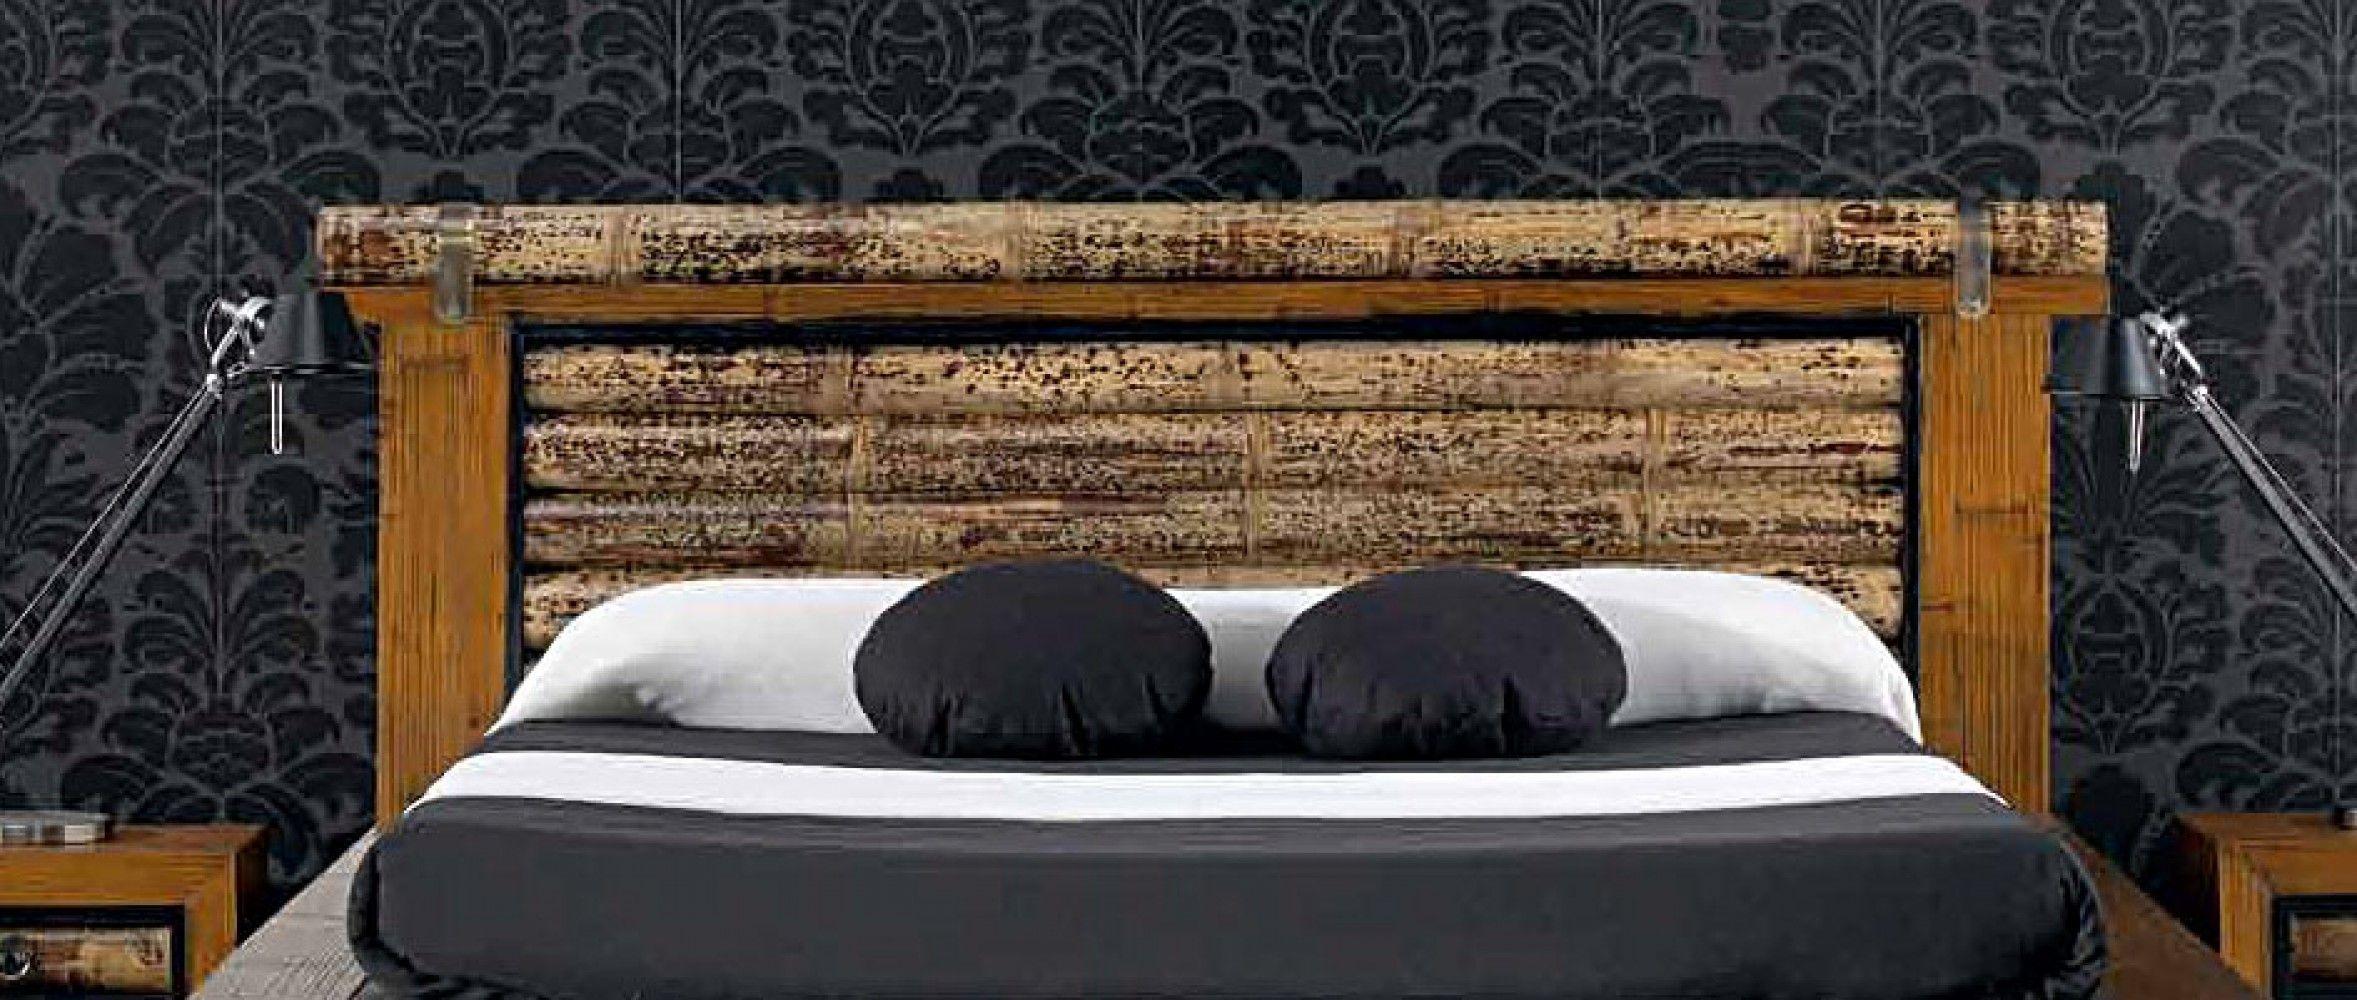 Tête de lit bambou Sha 160 cm | TETE DE LIT